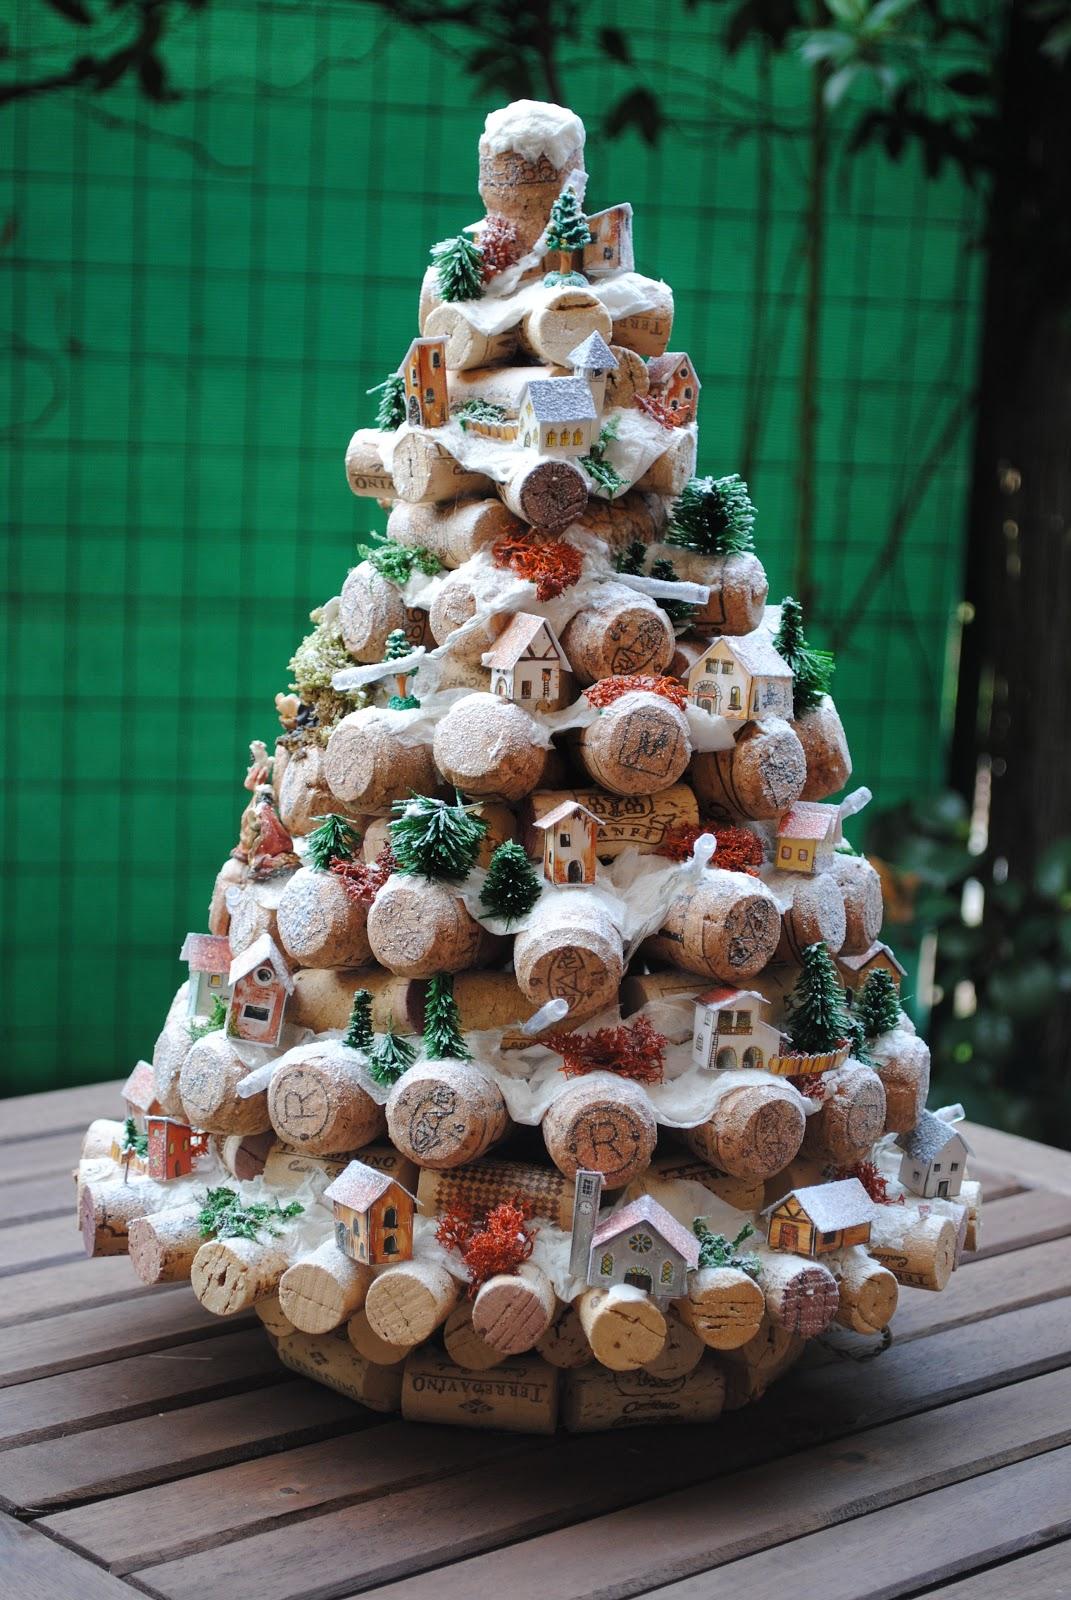 Le tegole del villaggio natale si avvicina - Originales arboles de navidad ...